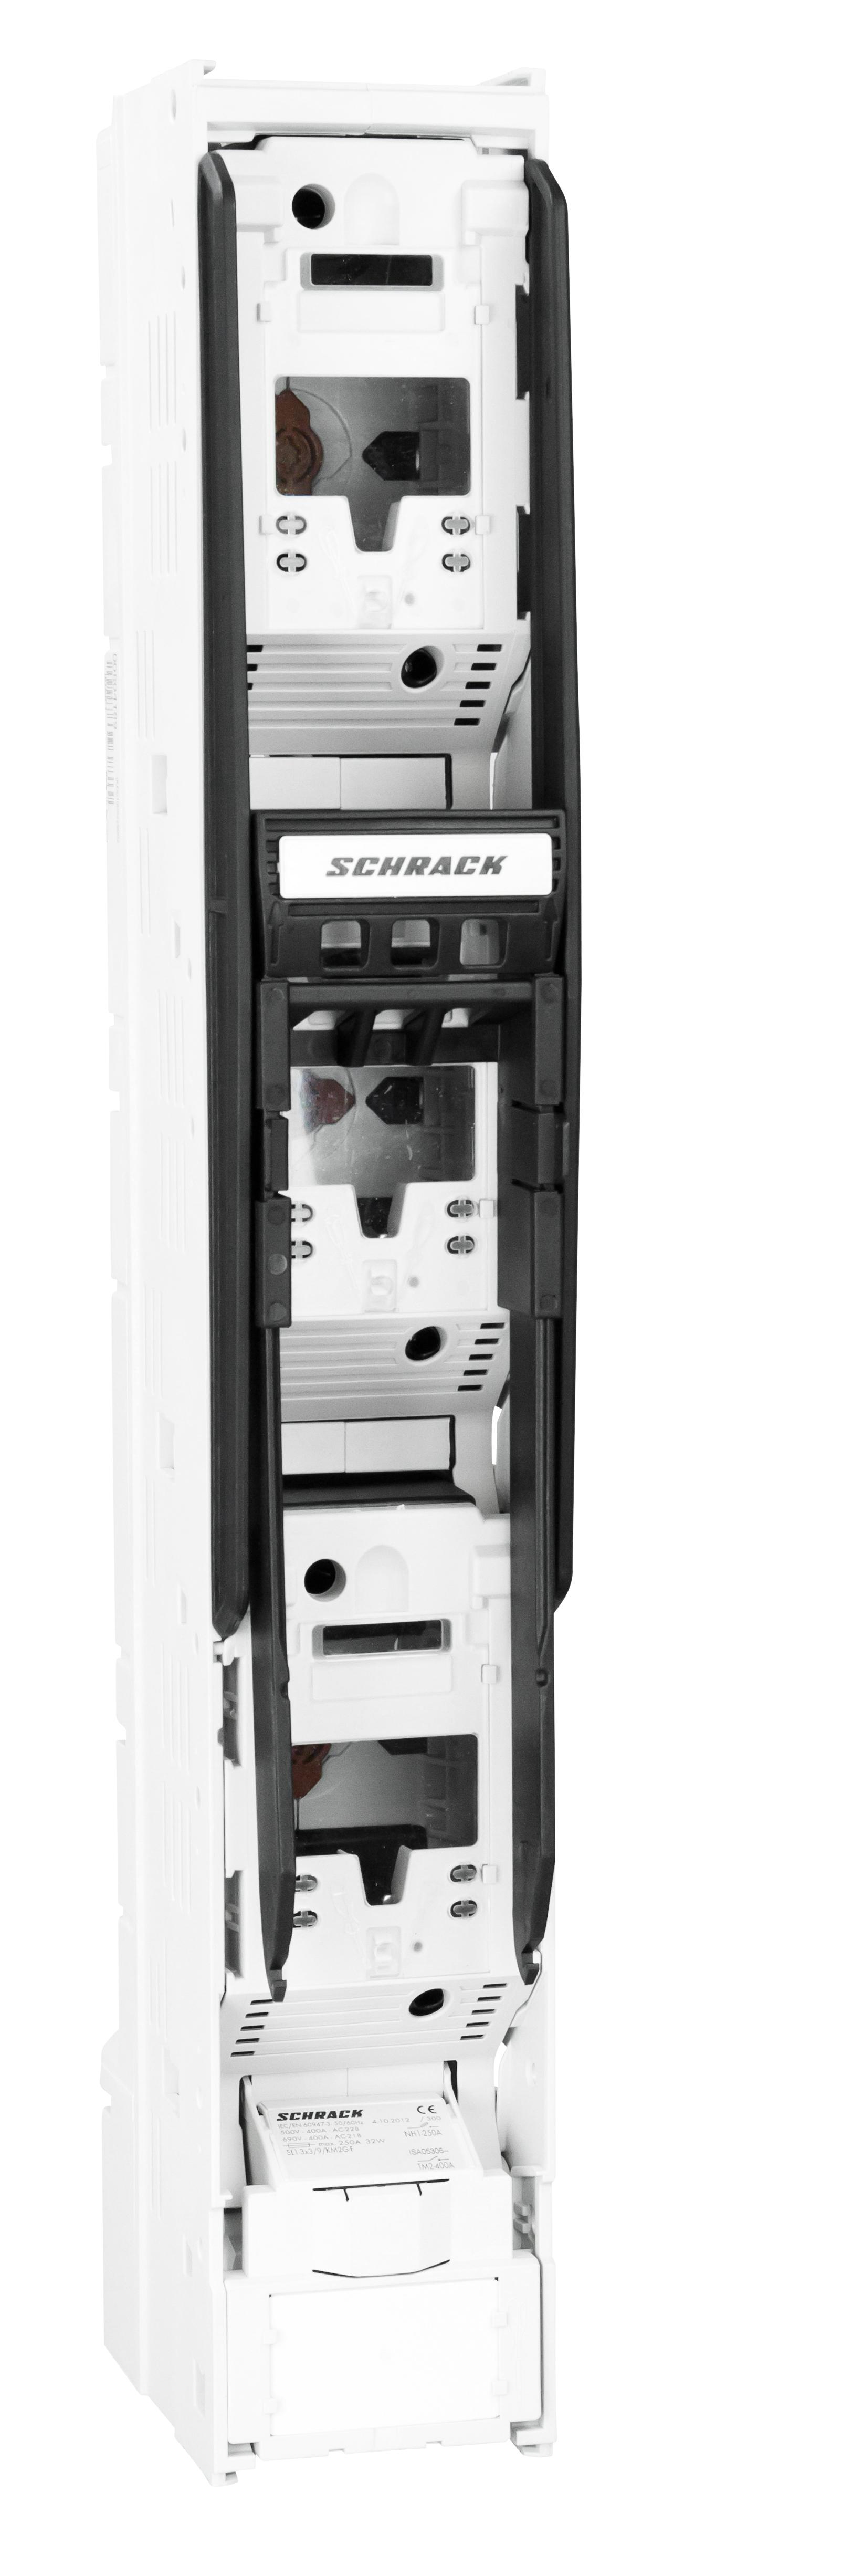 1 Stk NH-Trennerleiste, Größe 1, 3polig, 250A, M10, mit V-Lasche ISA05306--